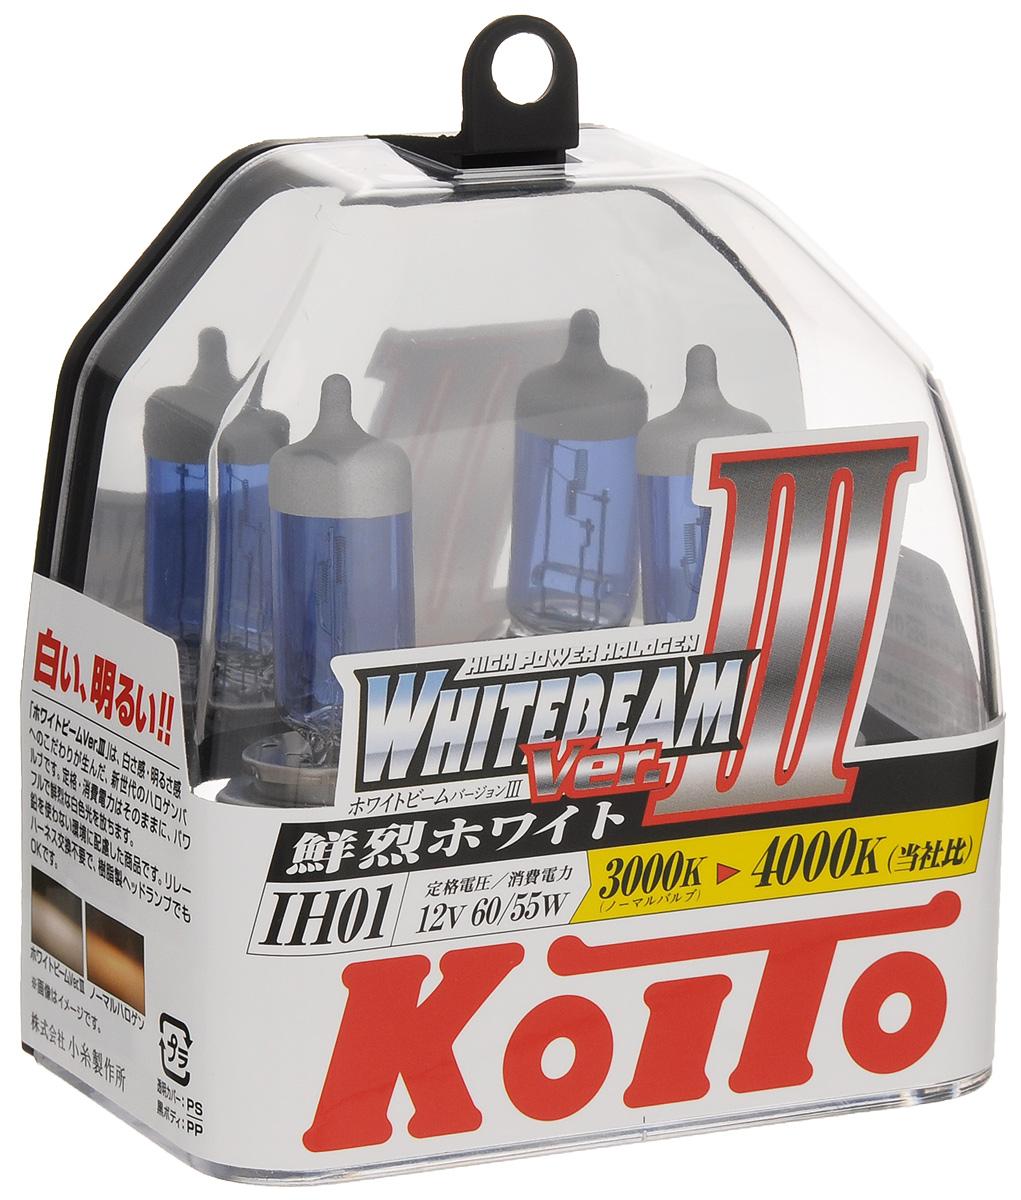 Лампа высокотемпературная Koito Whitebeam IH01 12V 60/55W (100/90W) пластиковая упаковка - 2 шт комплект P0745WP0745WЛампы KOITO Whitebeam являются вершиной развития технологий автомобильного освещения. Созданные с применением самых современных технологий и ноу-хау компании KOITO, разработанные на основе опыта поставок систем освещения крупнейшим мировым автопроизводителям, лампы серии Whitebeam III воплотили в себе весь опыт и достижения компании за почти вековую историю работы.Напряжение: 12 вольт. Цветовая температура: 4000К. Тип цоколя: IH01. Цвет света: белый. Технические характеристики: 12V 60/55W (светоотдача 100/90W. )